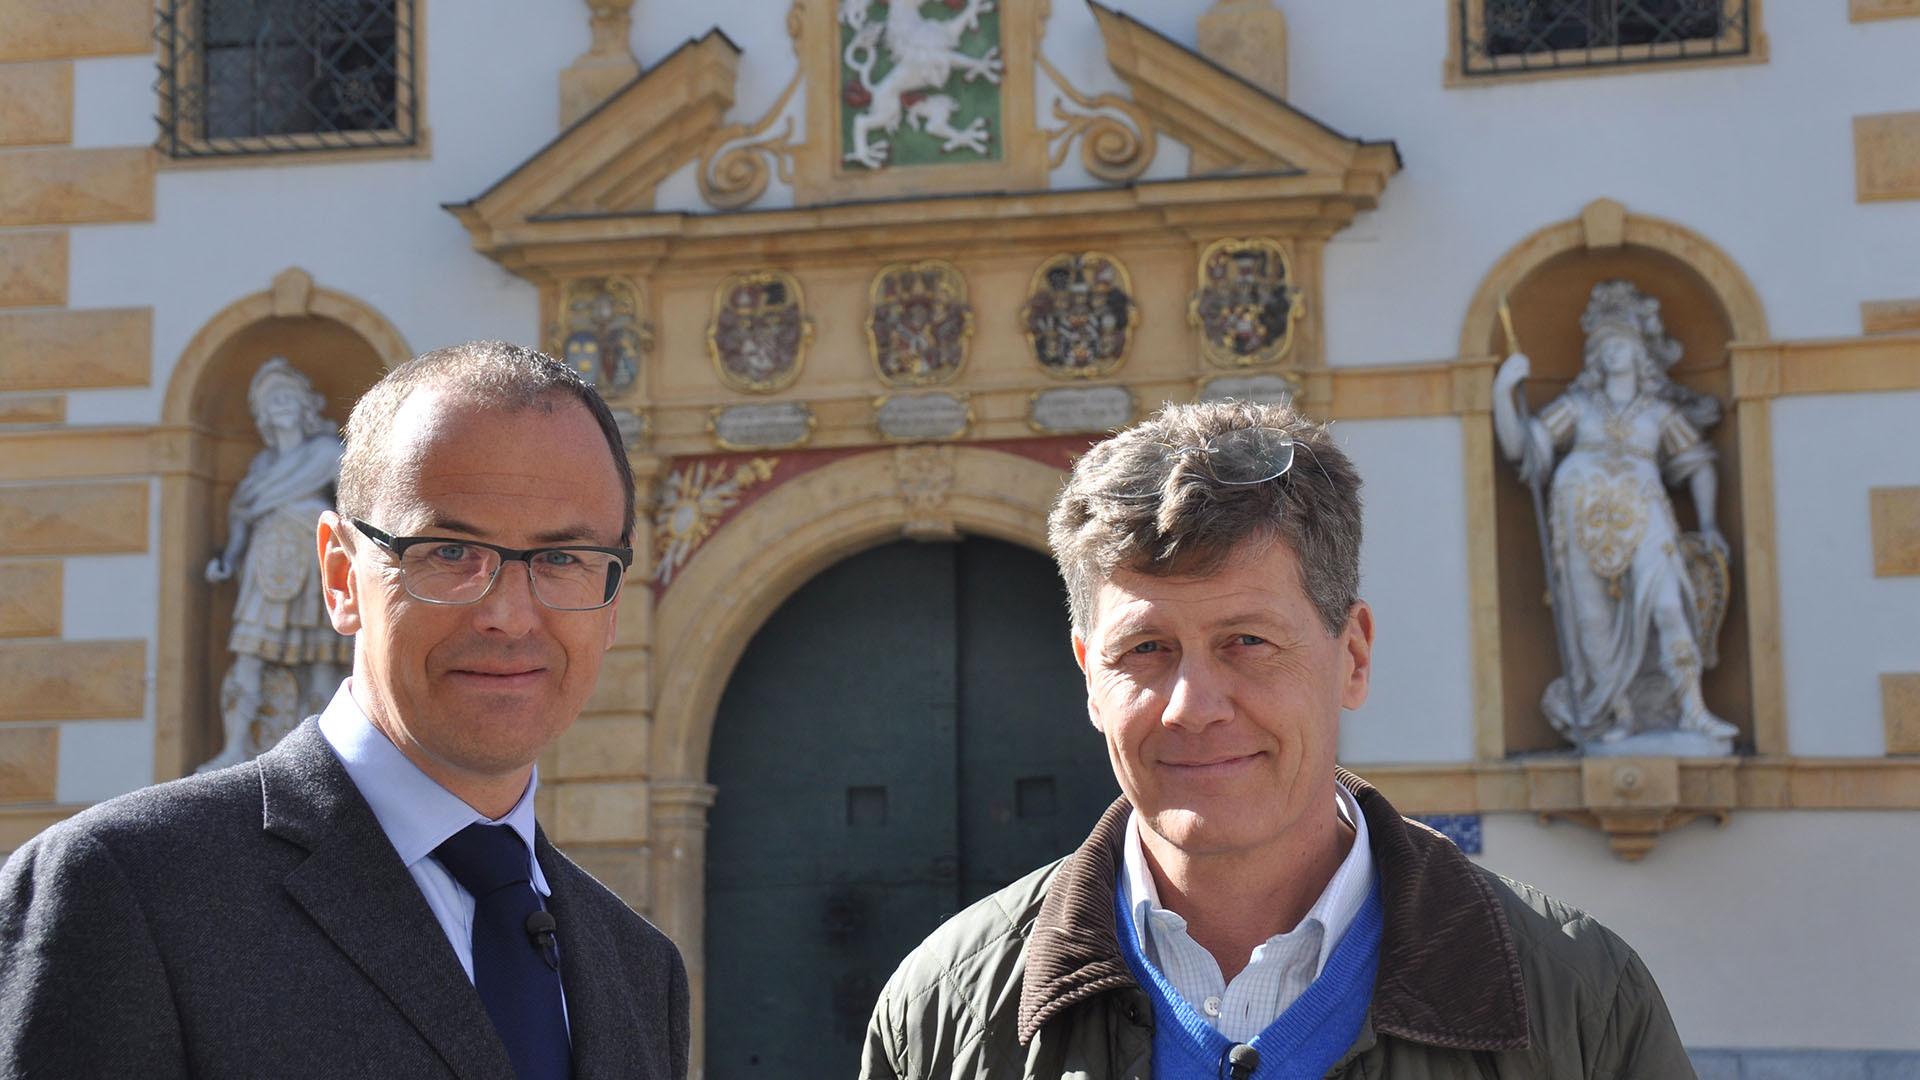 Kari-Dr.-Wolfgang-Muchitsch-Wissenschaftlicher-Leiter-Joanneum-Graz-vor-barocker-Fassade-des-Zeughauses